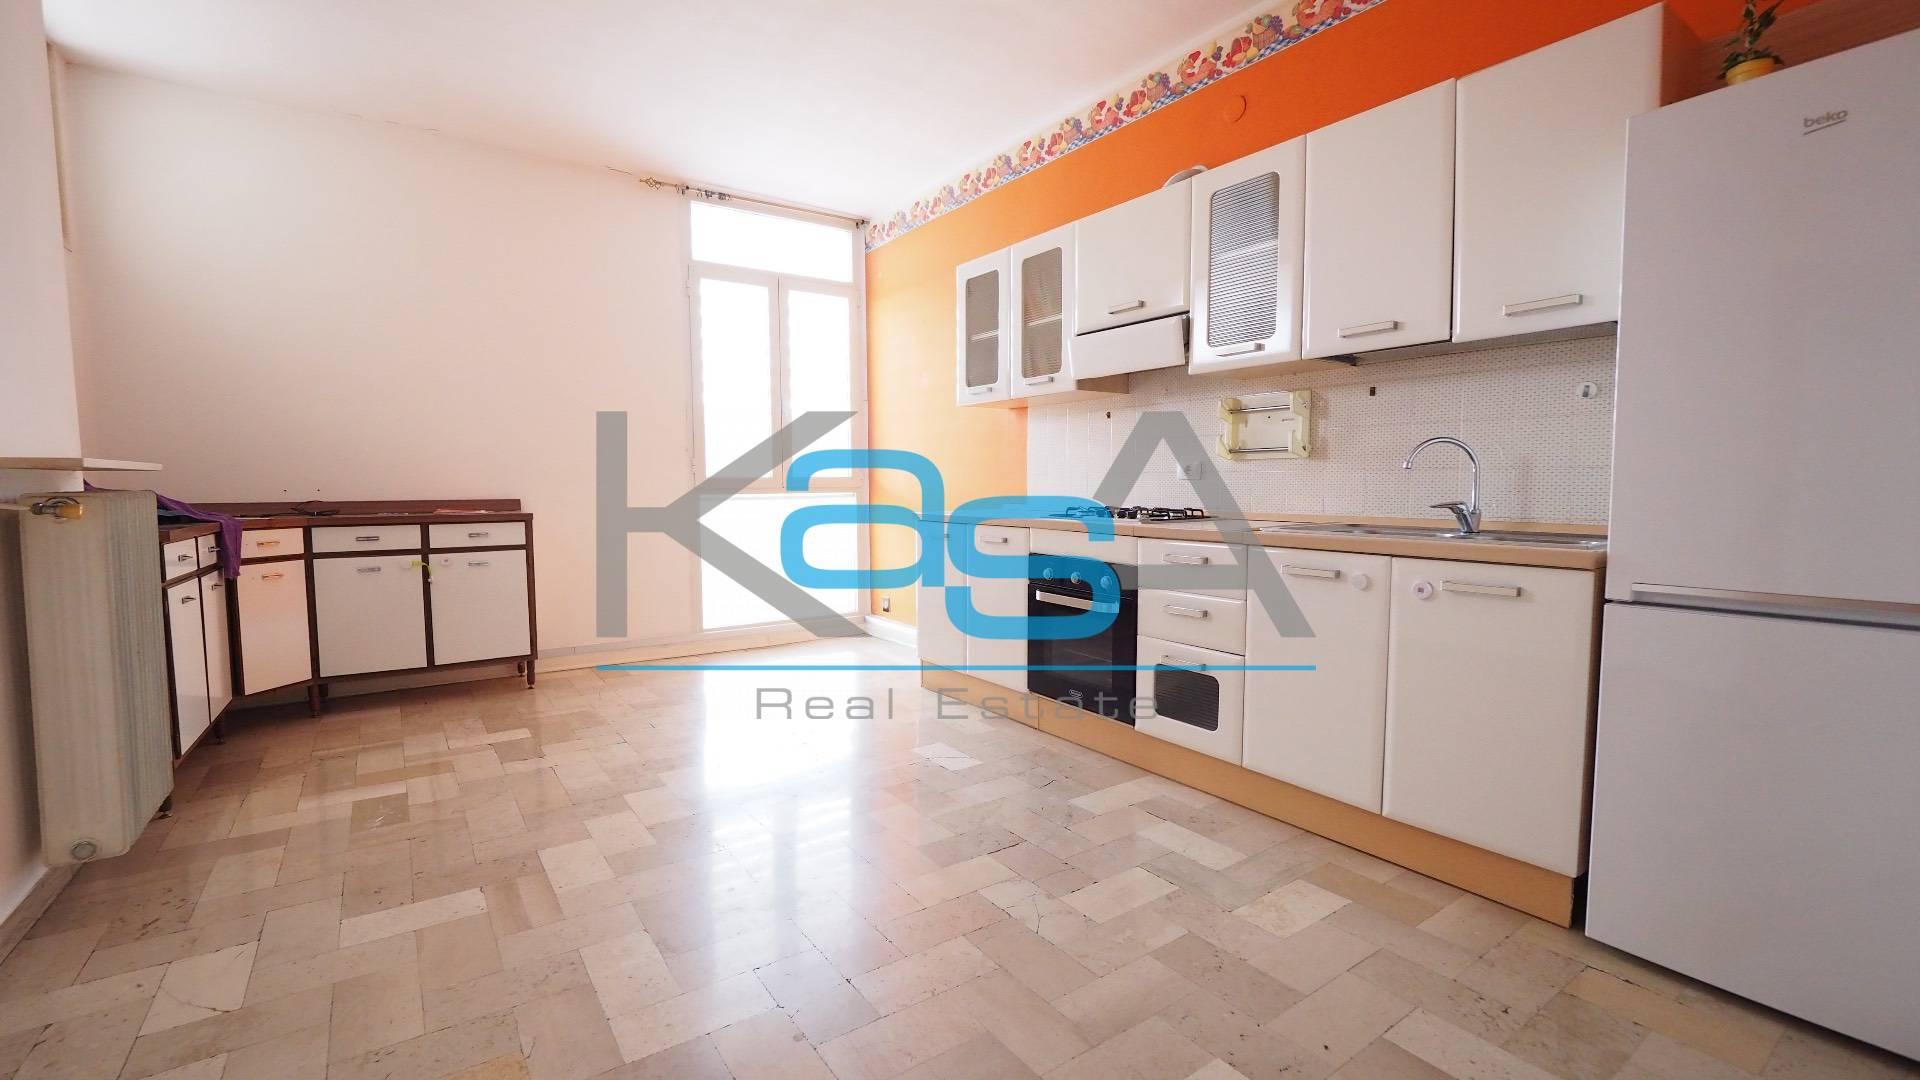 Appartamento in vendita a San Donà di Piave, 6 locali, prezzo € 150.000 | CambioCasa.it